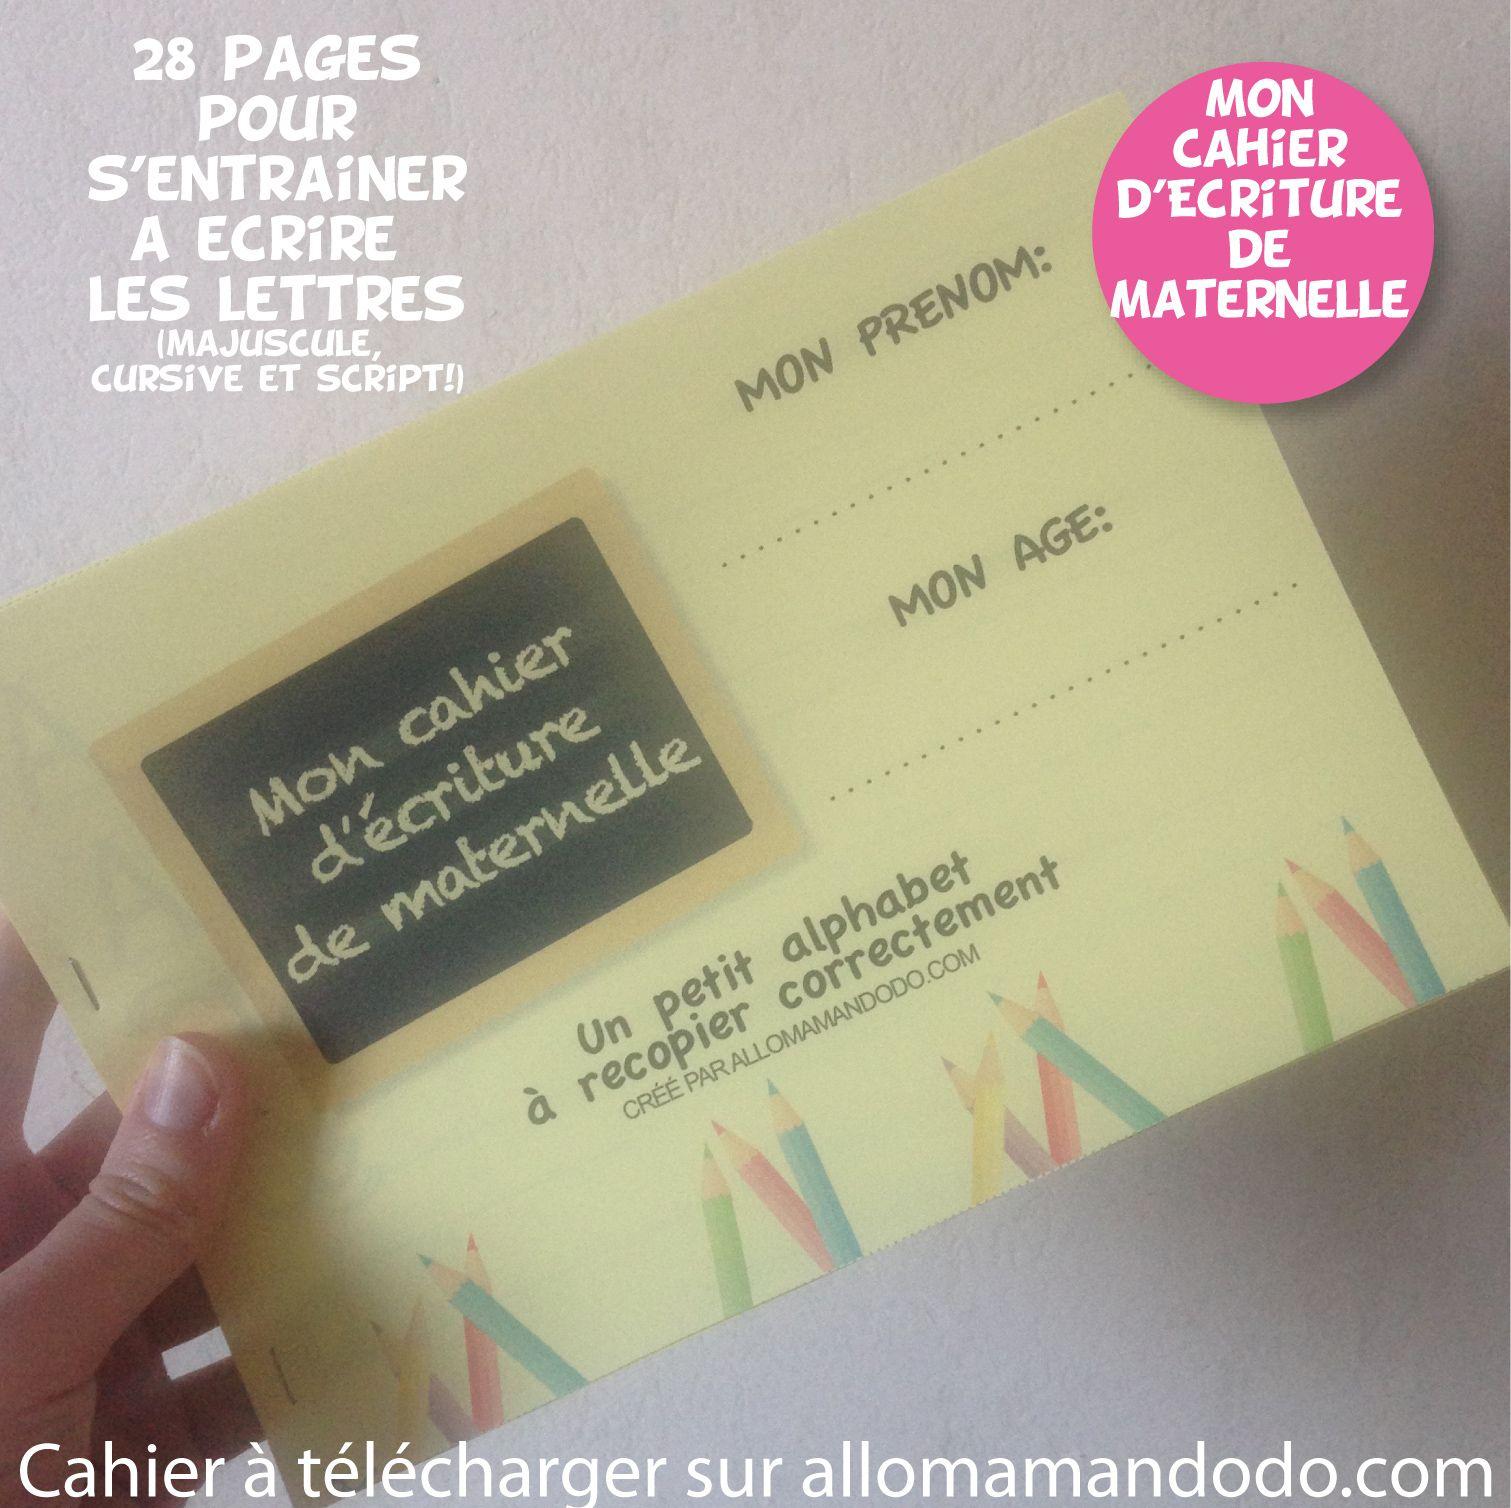 Le Cahier D'écriture De Maternelle À Télécharger ( Gratuit tout Cahier De Vacances À Télécharger Gratuitement